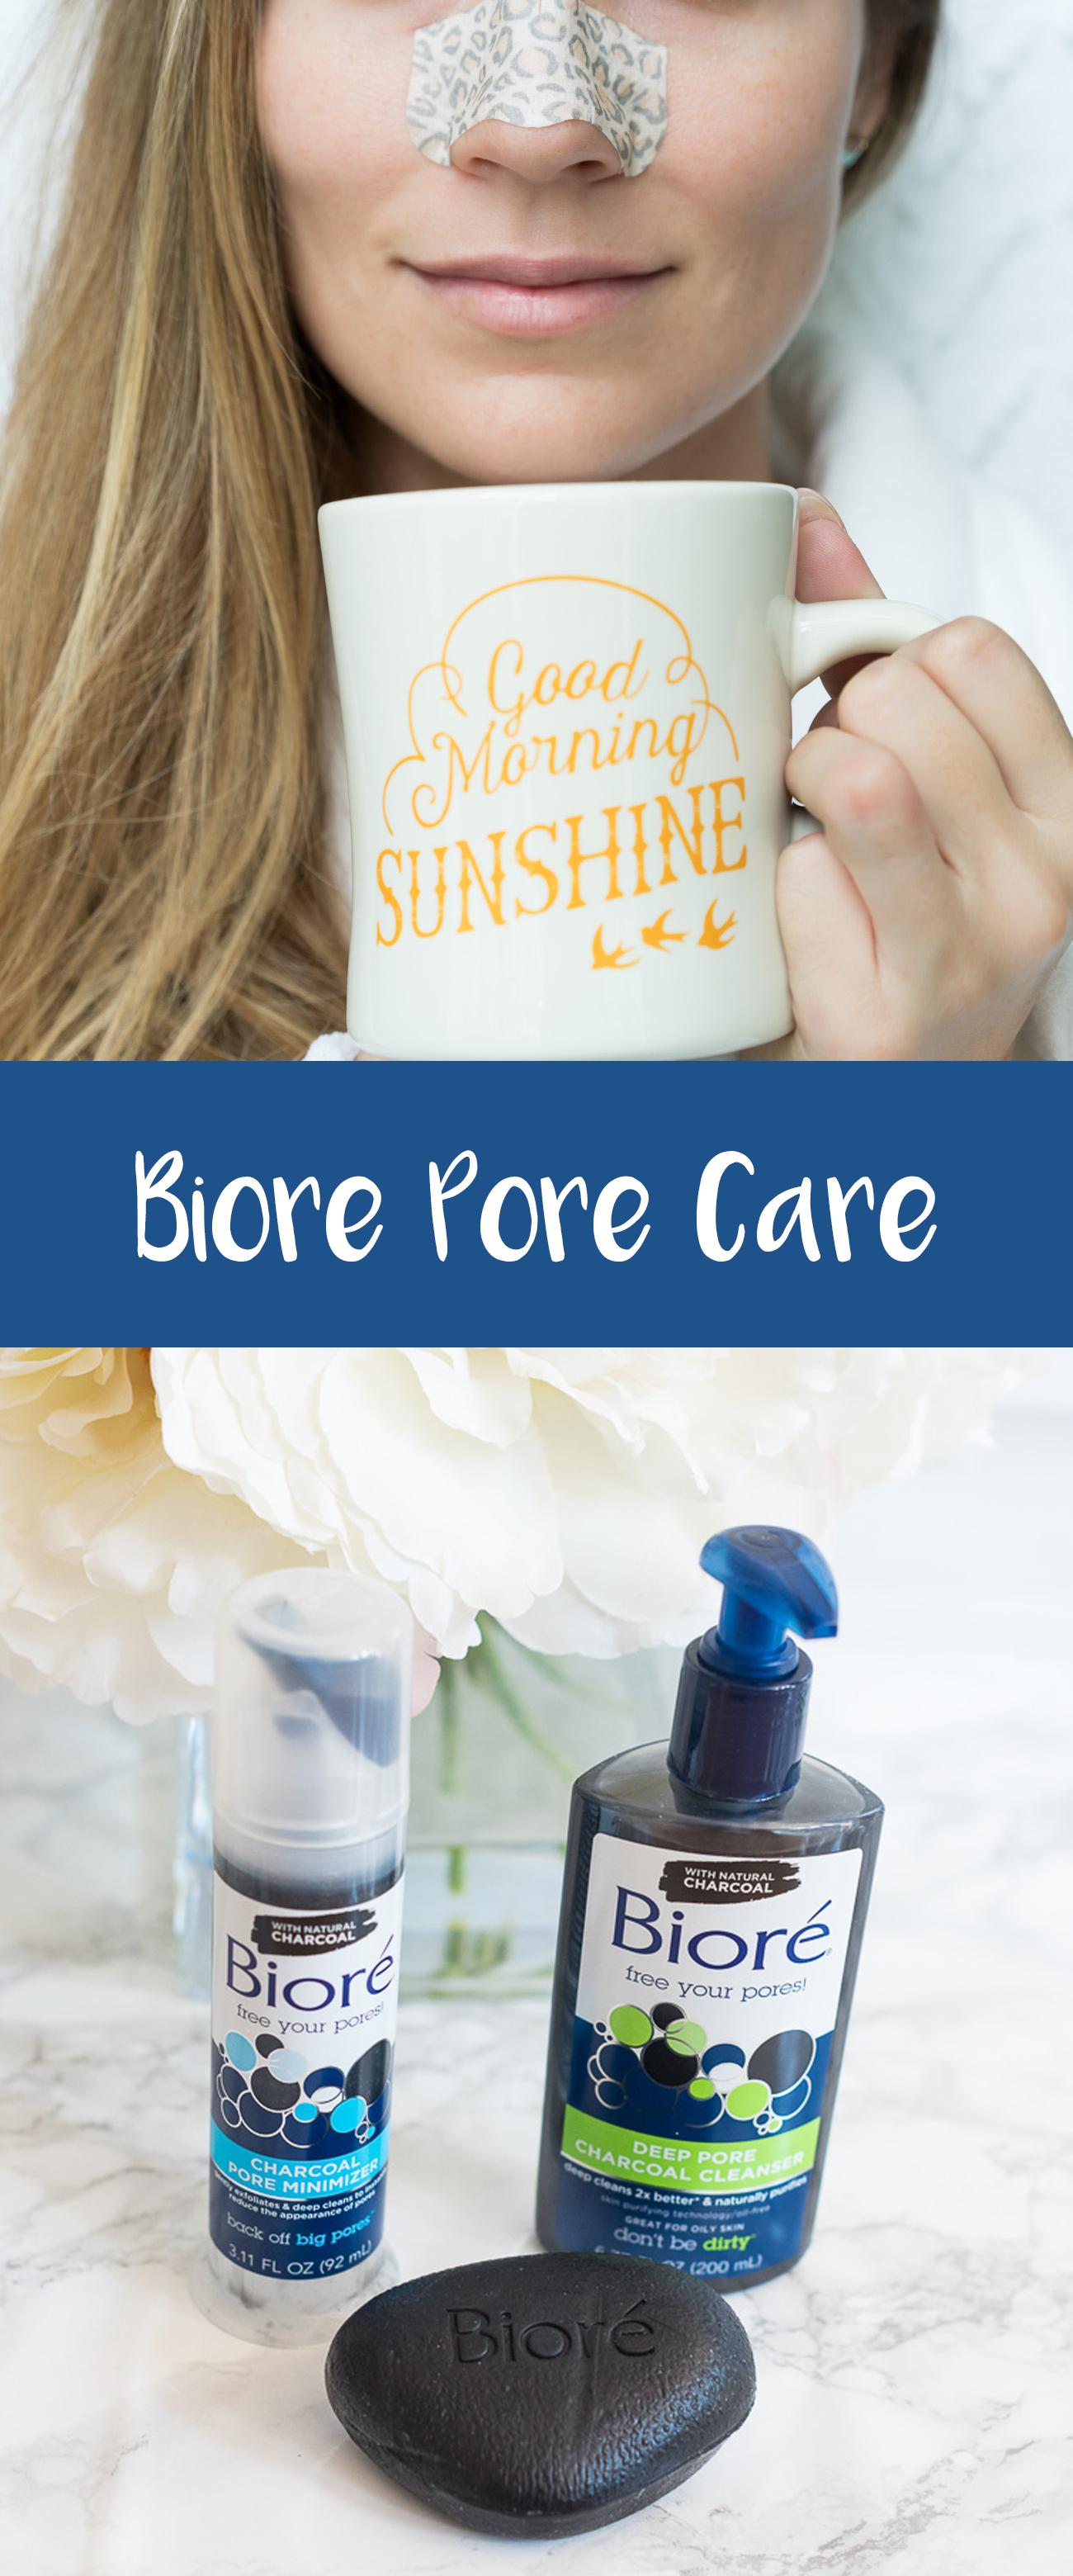 Biore Pore Care By Angela Lanter